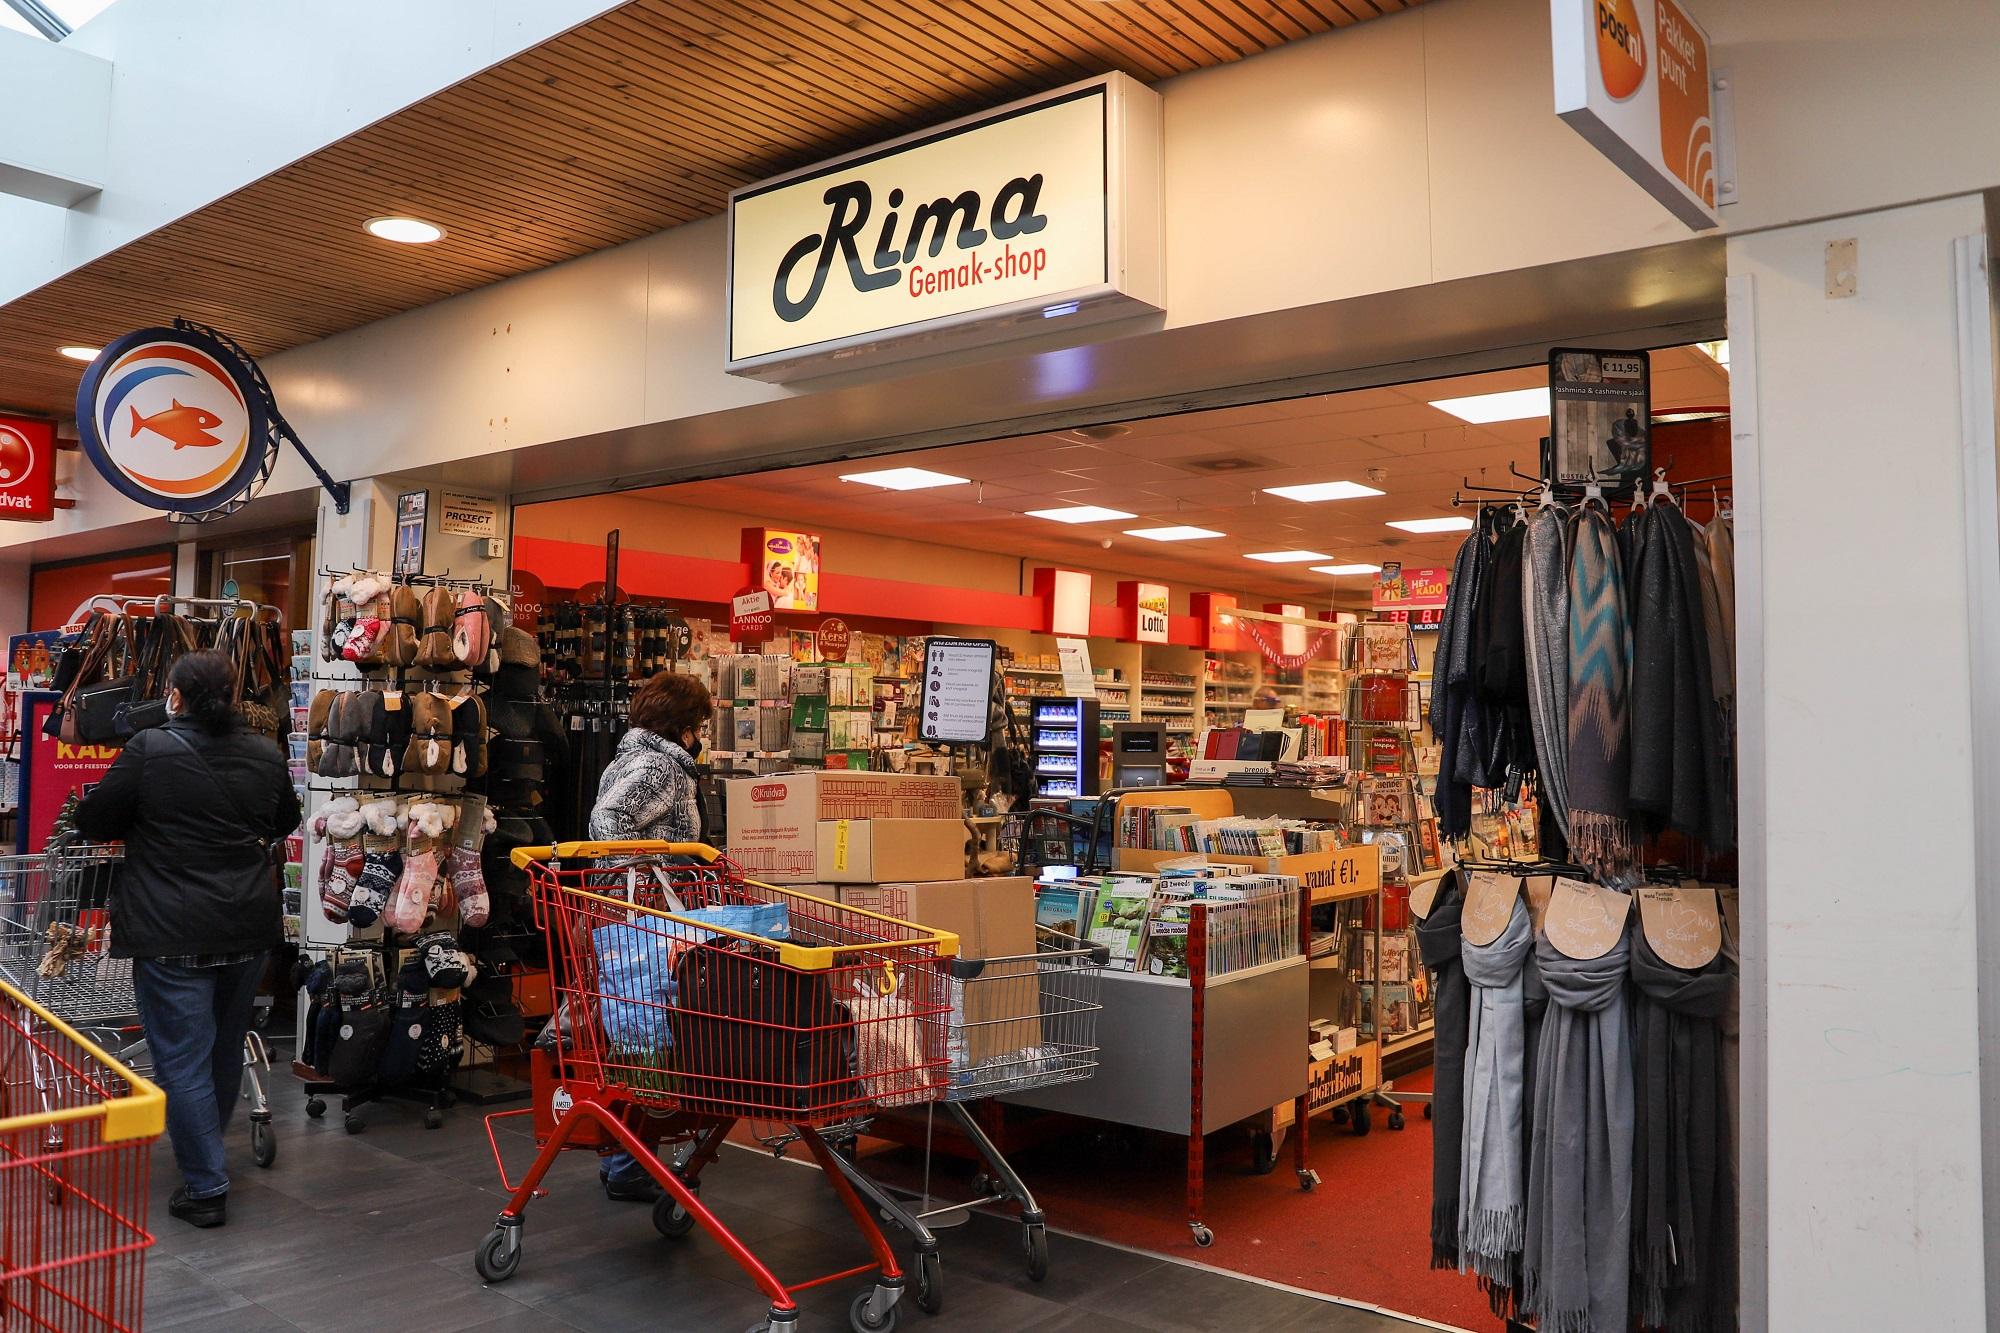 rima gemak-shop tabaksshop roken loterij lotje winkelcentrum antwerpsestraatweg